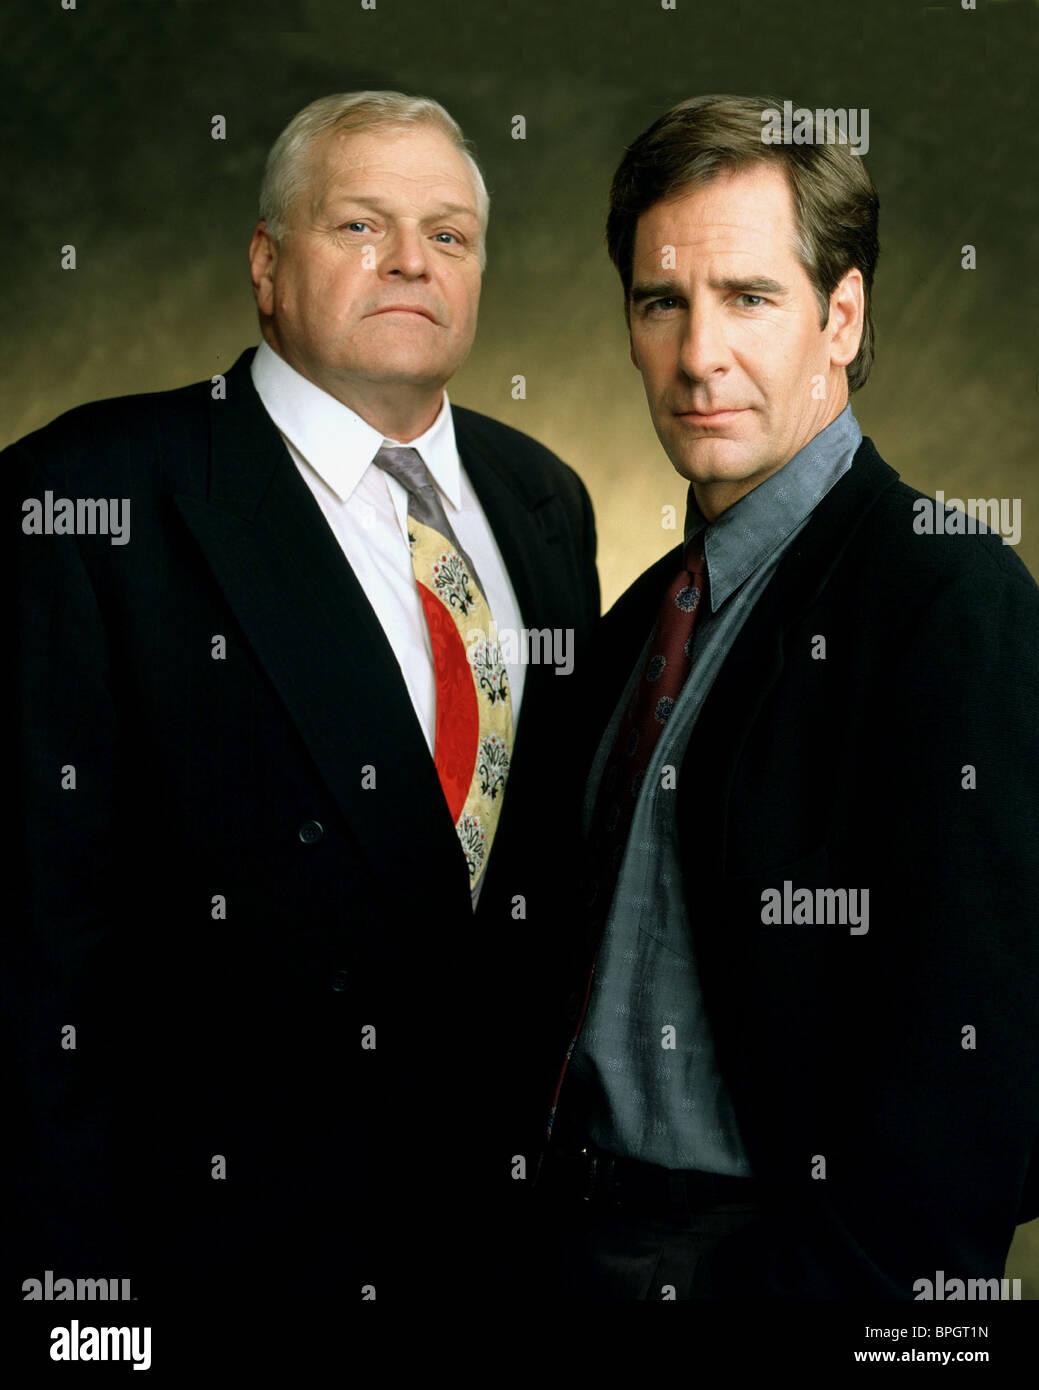 BRIAN DENNEHY & SCOTT BAKULA NETFORCE; TOM CLANCY'S NETFORCE (1999) Stock Photo